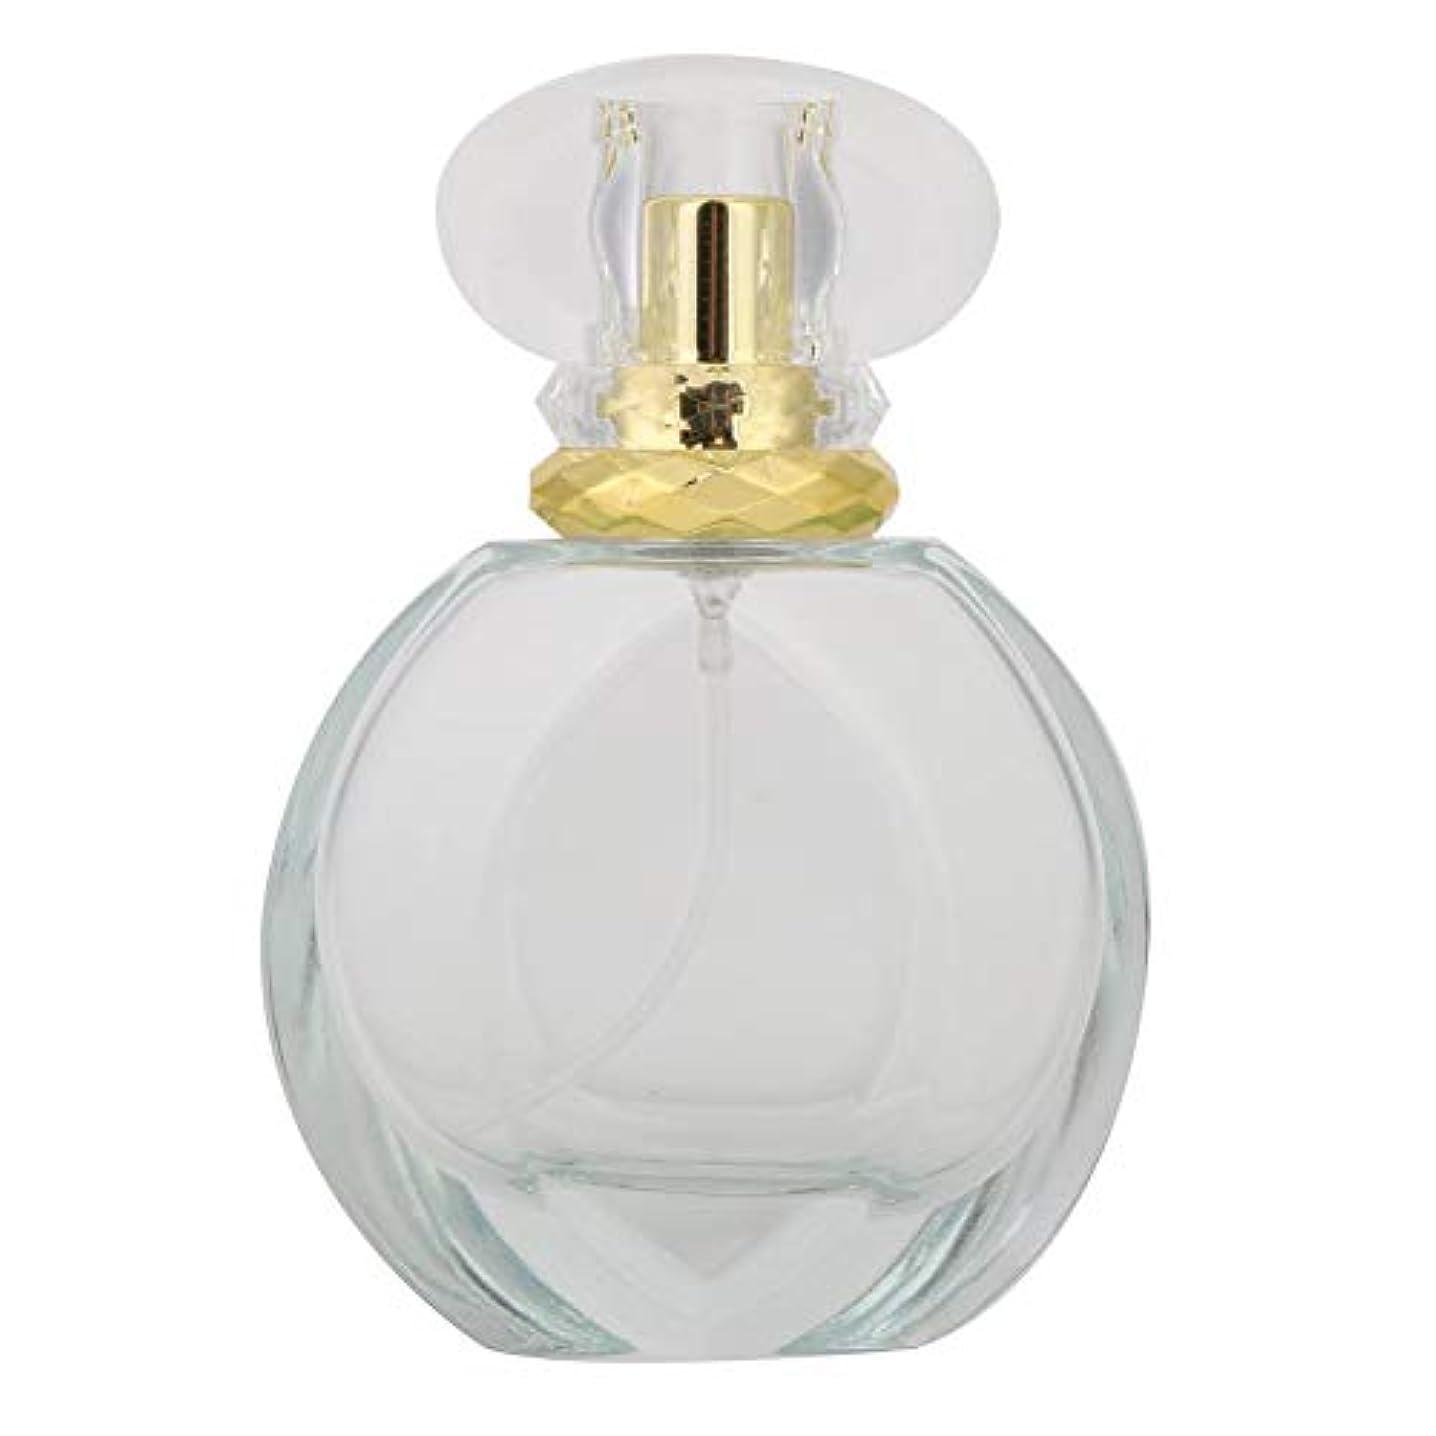 スリット待って傷跡50ミリリットルガラス詰め替え空の香水スプレーボトル液体香水アトマイザーディスペンサーボトル(03)